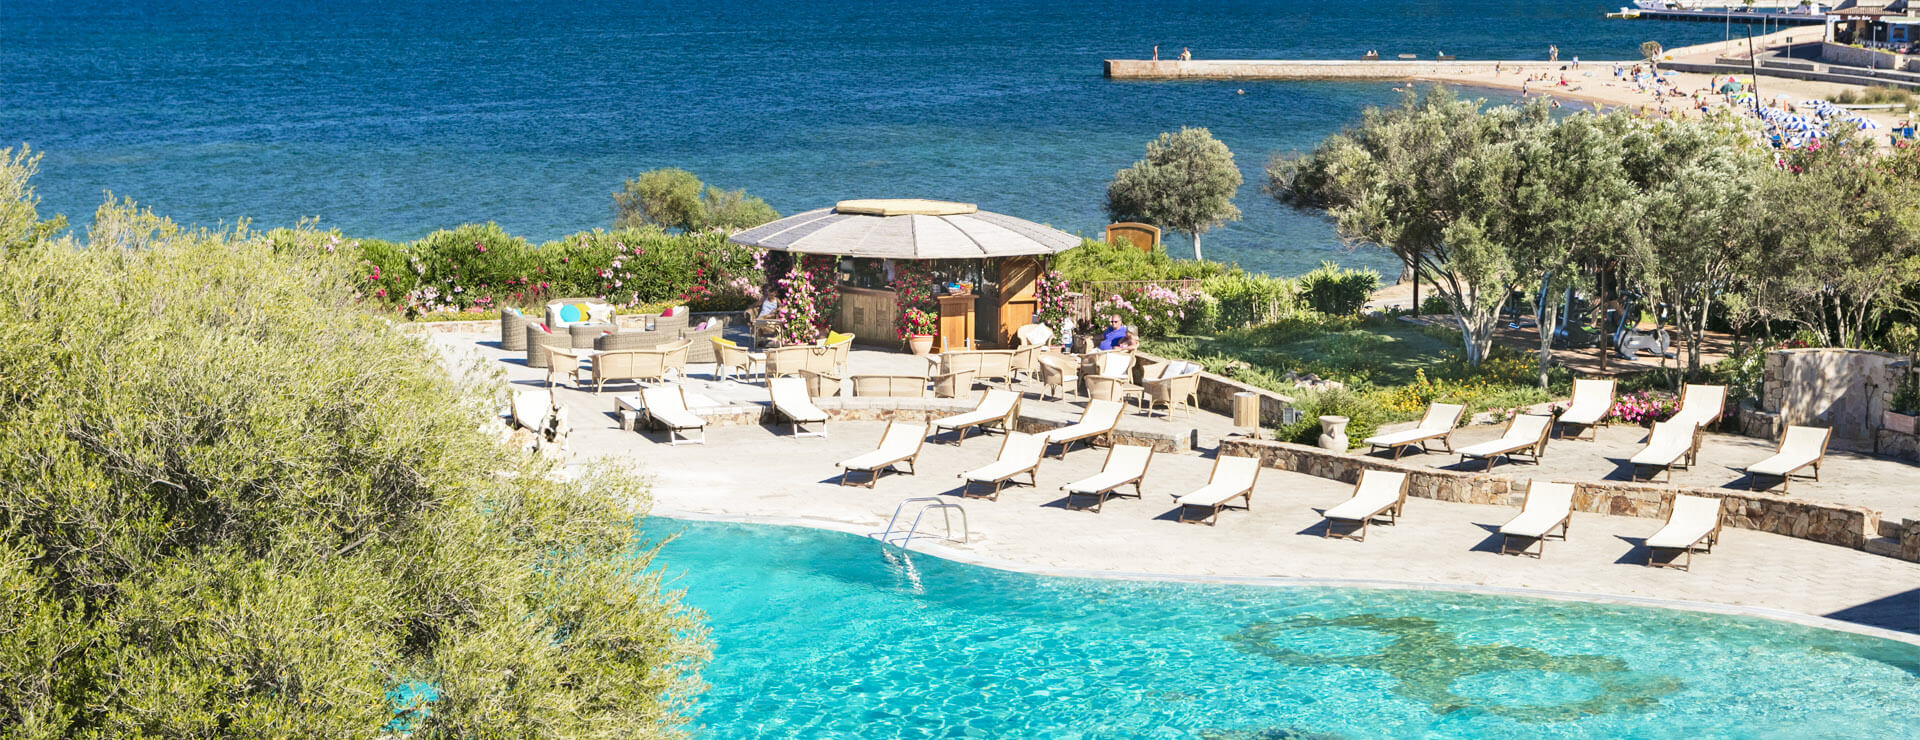 Resort Cala di Falco - Cannigione nord Sardegna